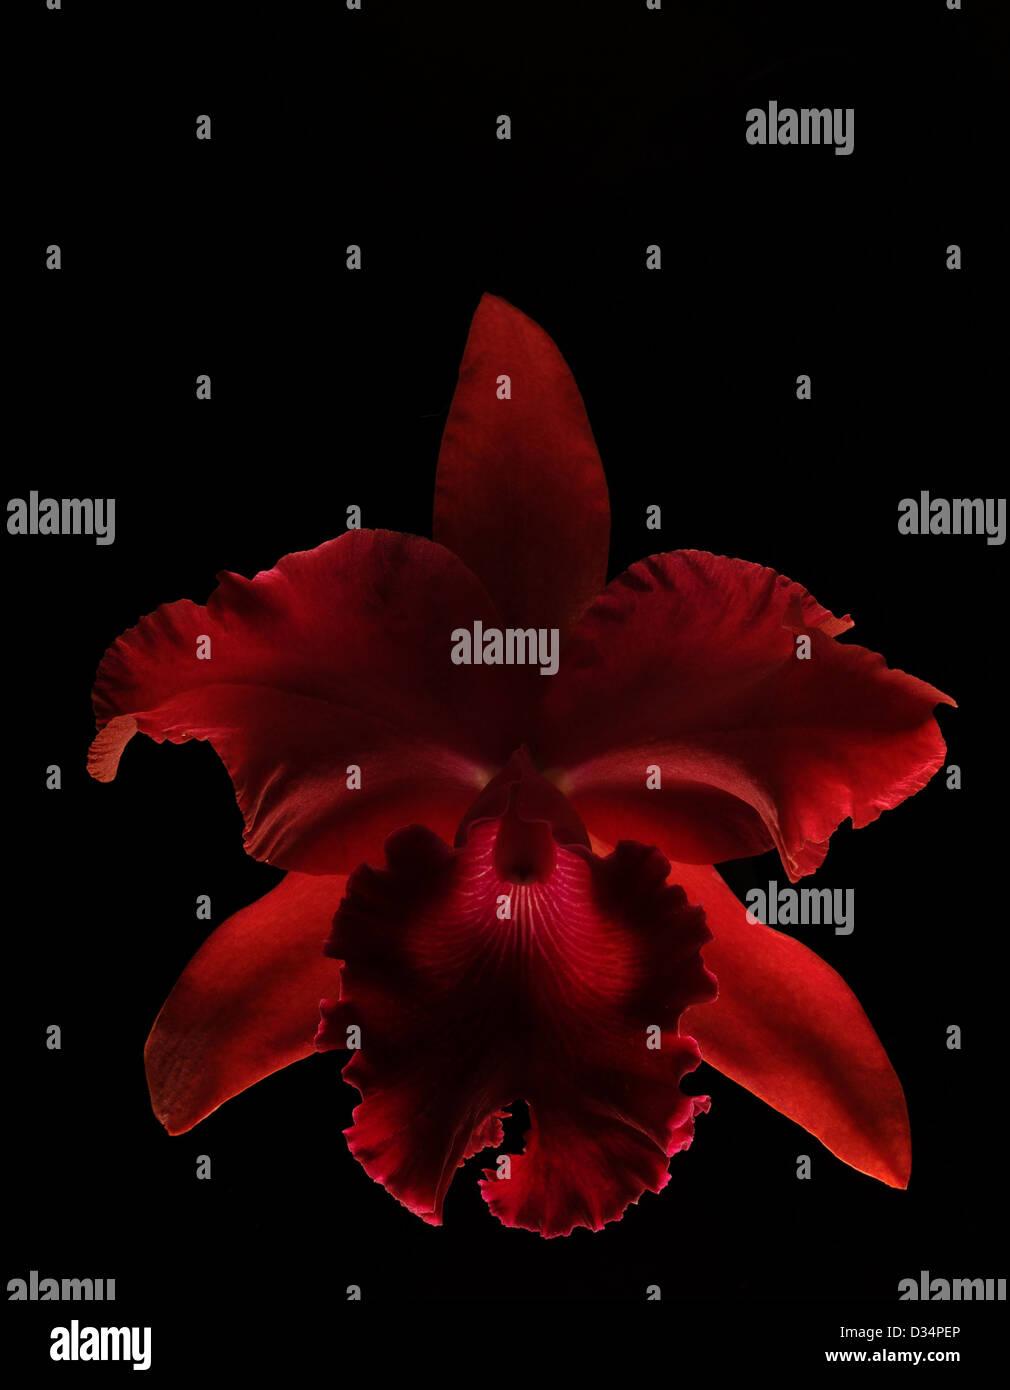 Rosso Vivo Orchid Isolati Su Sfondo Nero Foto Immagine Stock